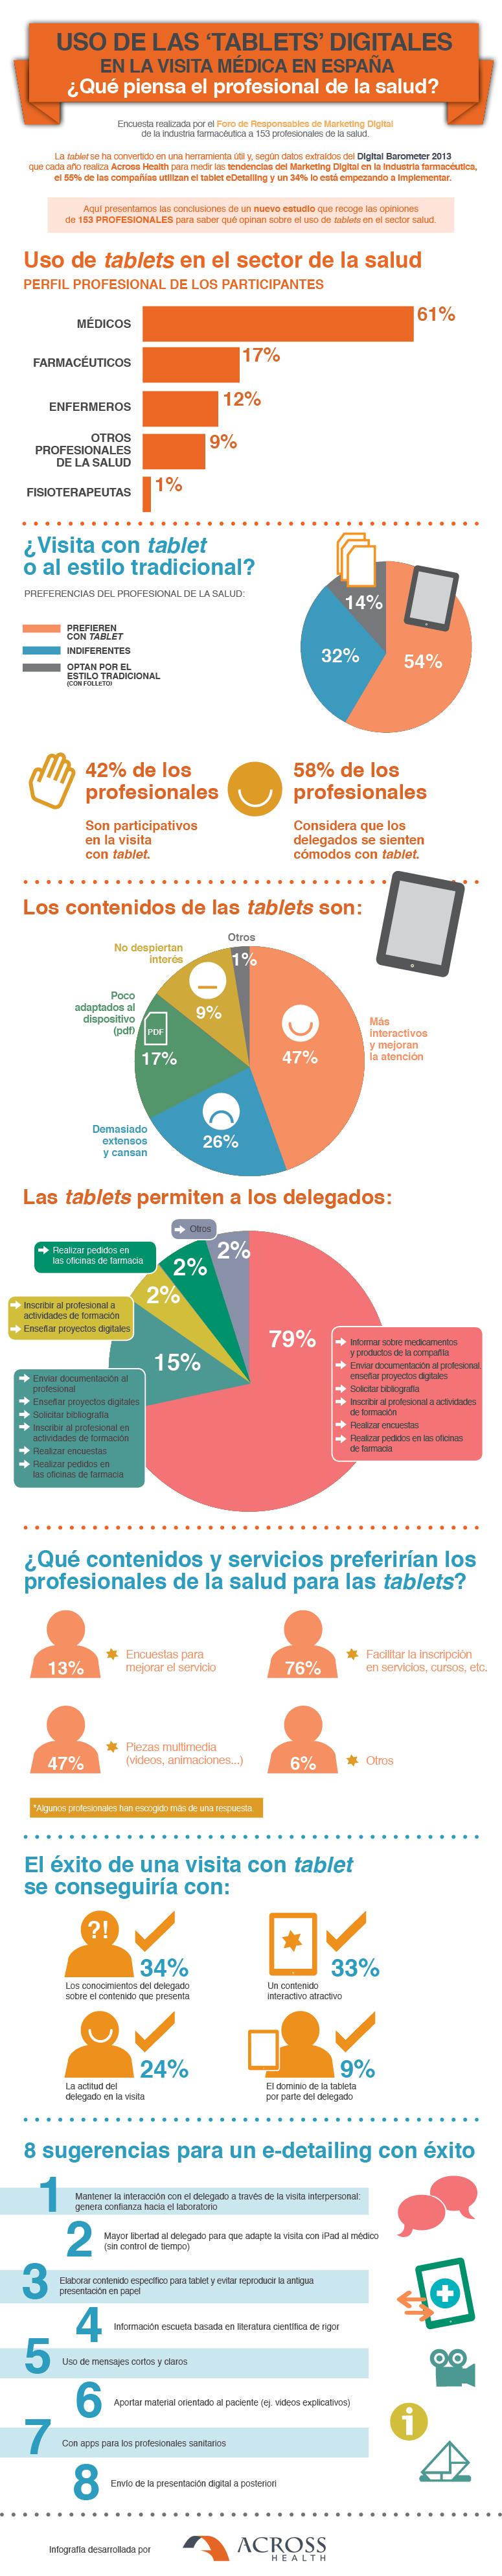 Infografía sobre el uso de tablets en visitas médicas